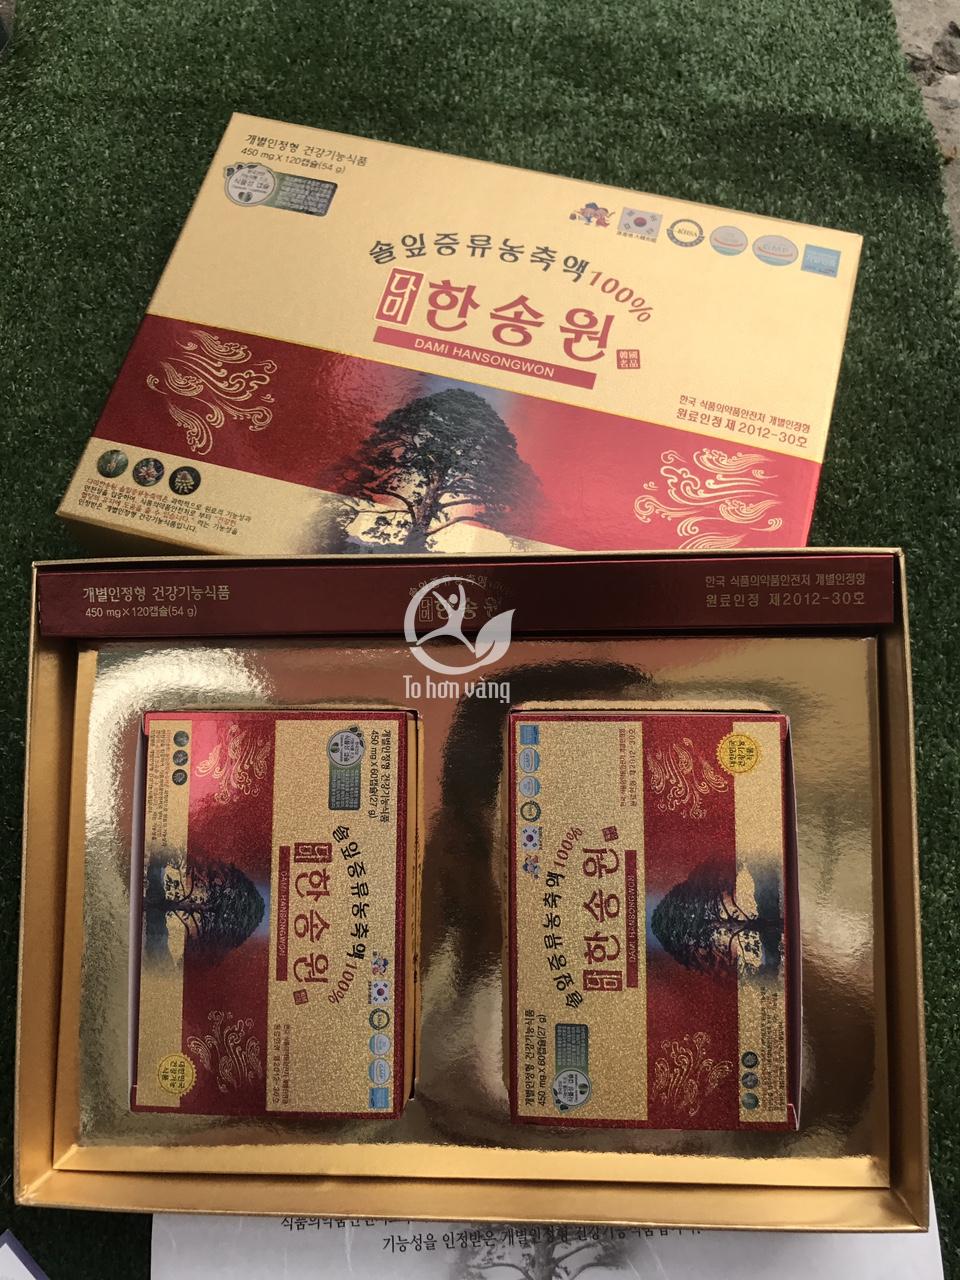 Hình ảnh bên trong sản phẩm tinh dầu thông đỏ Dami Hansongwon